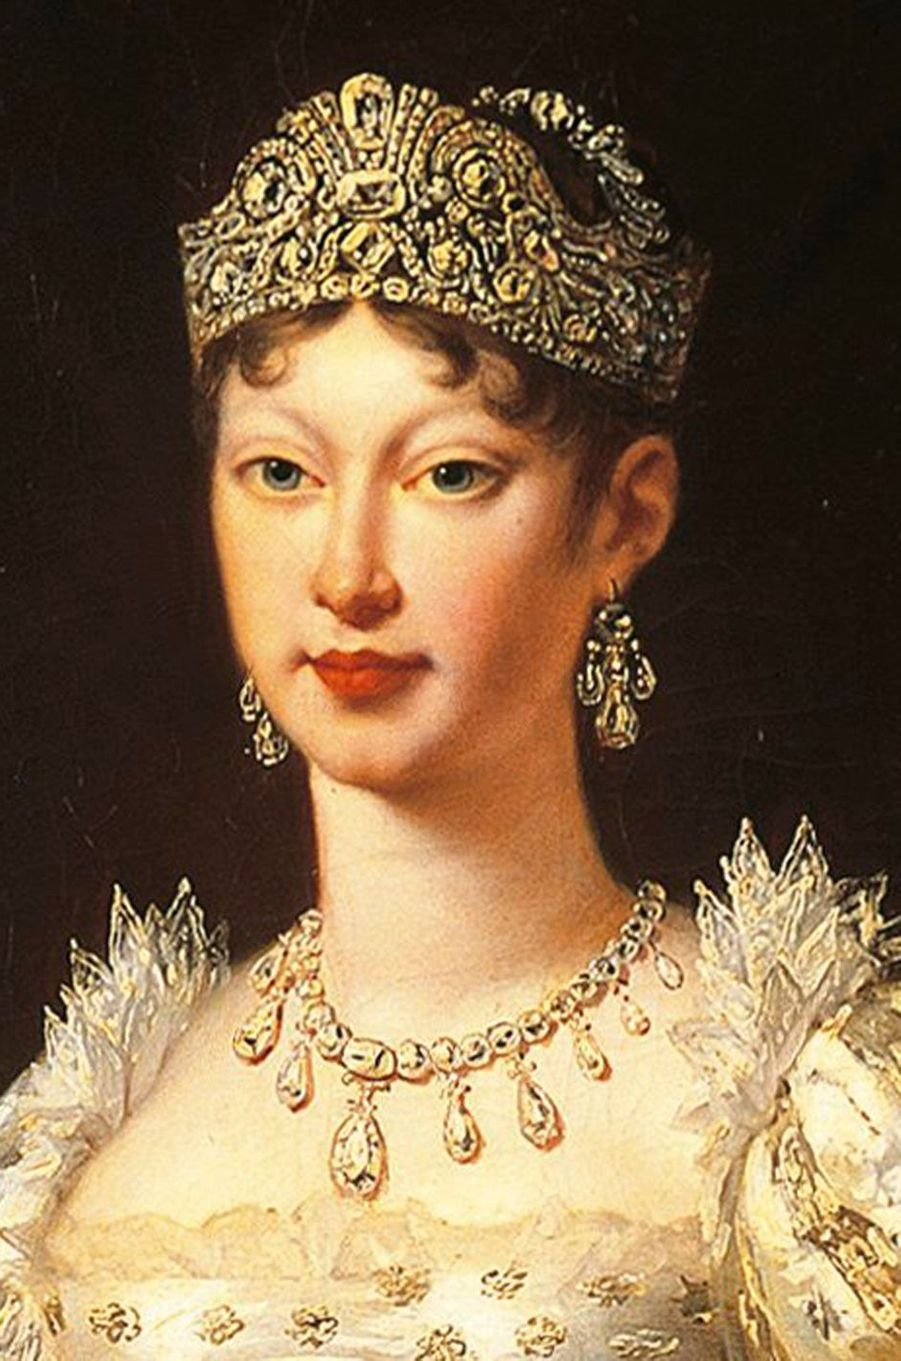 Détail du portrait de l'impératrice Marie-Louise, par Robert Lefèvre